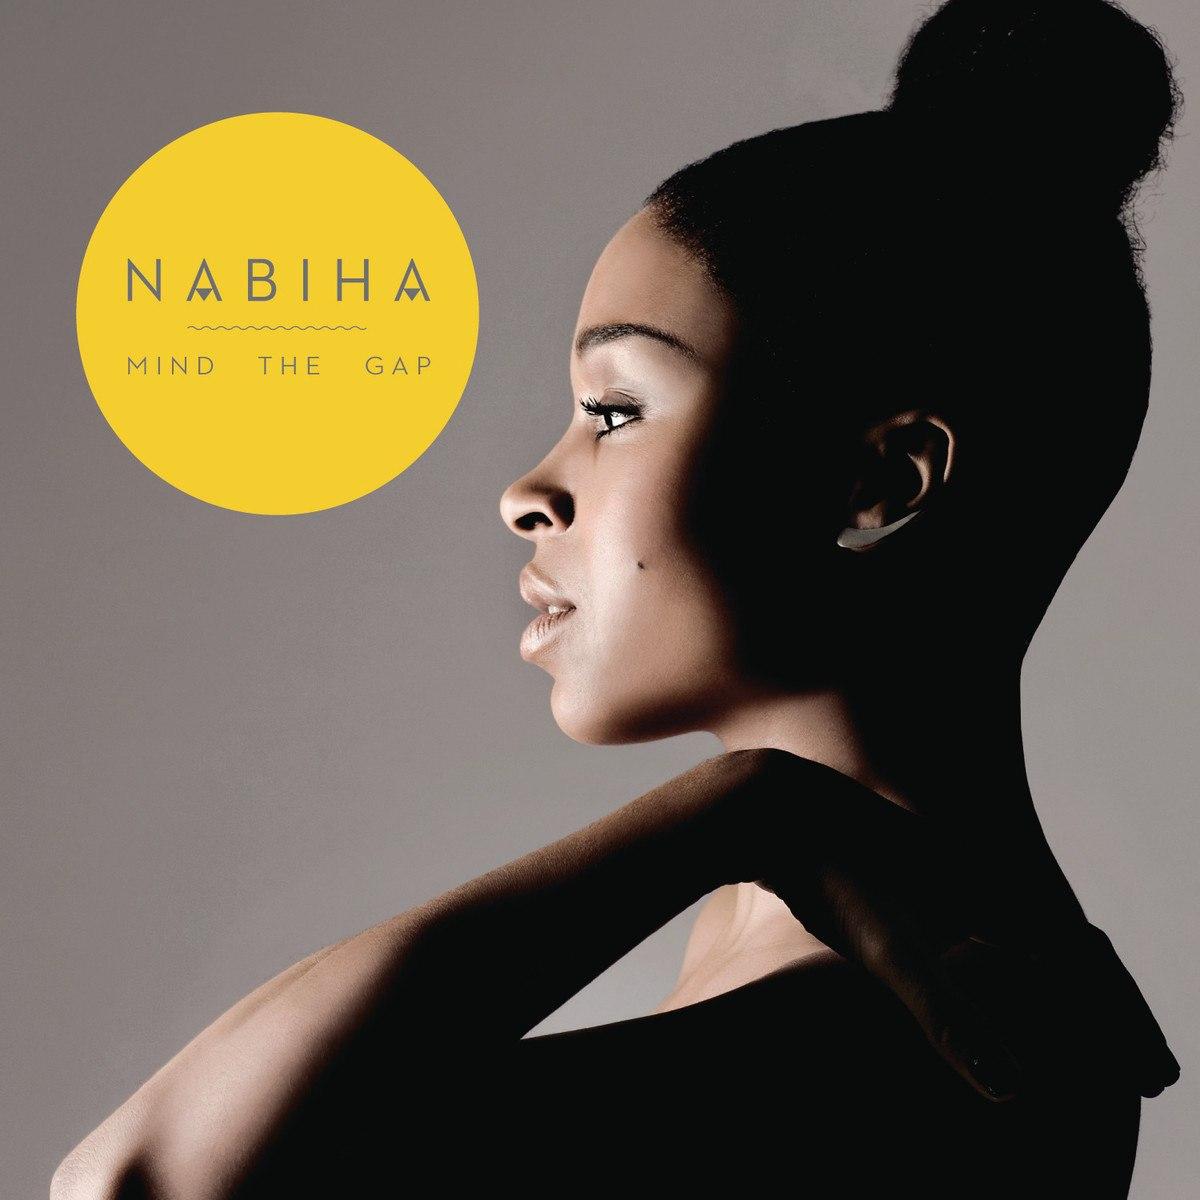 27.06.2015г. Nabiha выступление в Soho Rooms